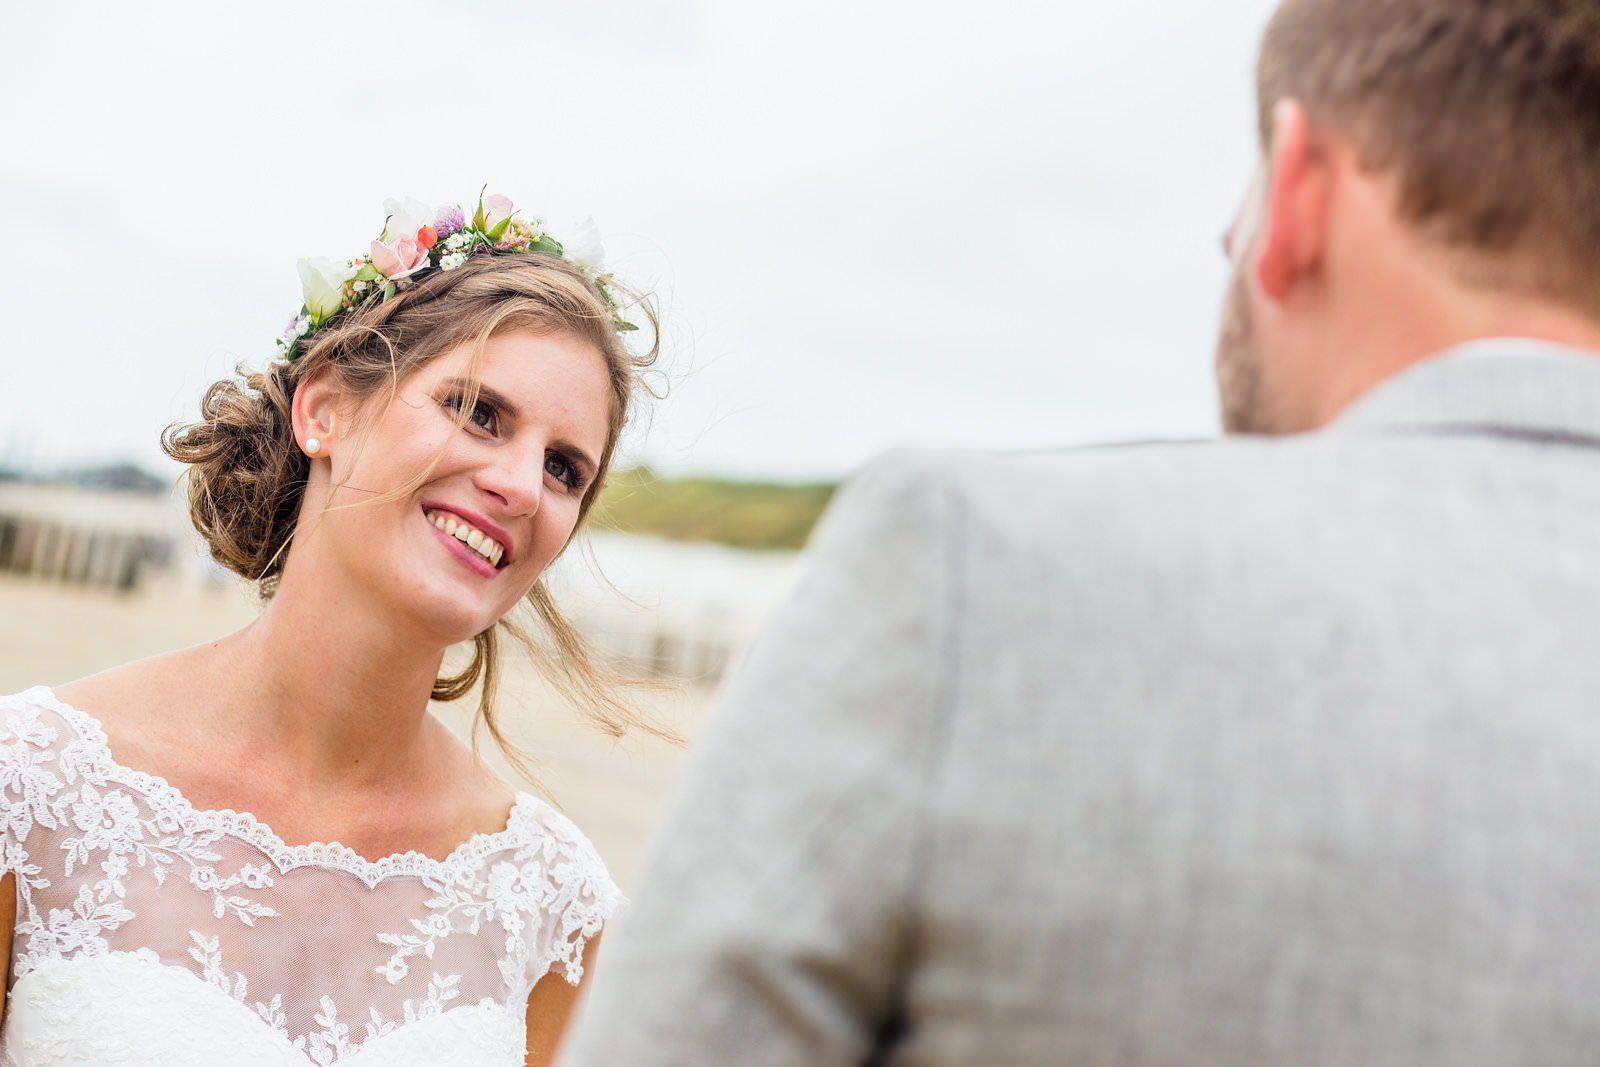 Braut Freie Trauung Am Strand In Westkapelle Zeeland Niederlande In 2020 Trauung Braut Friederike